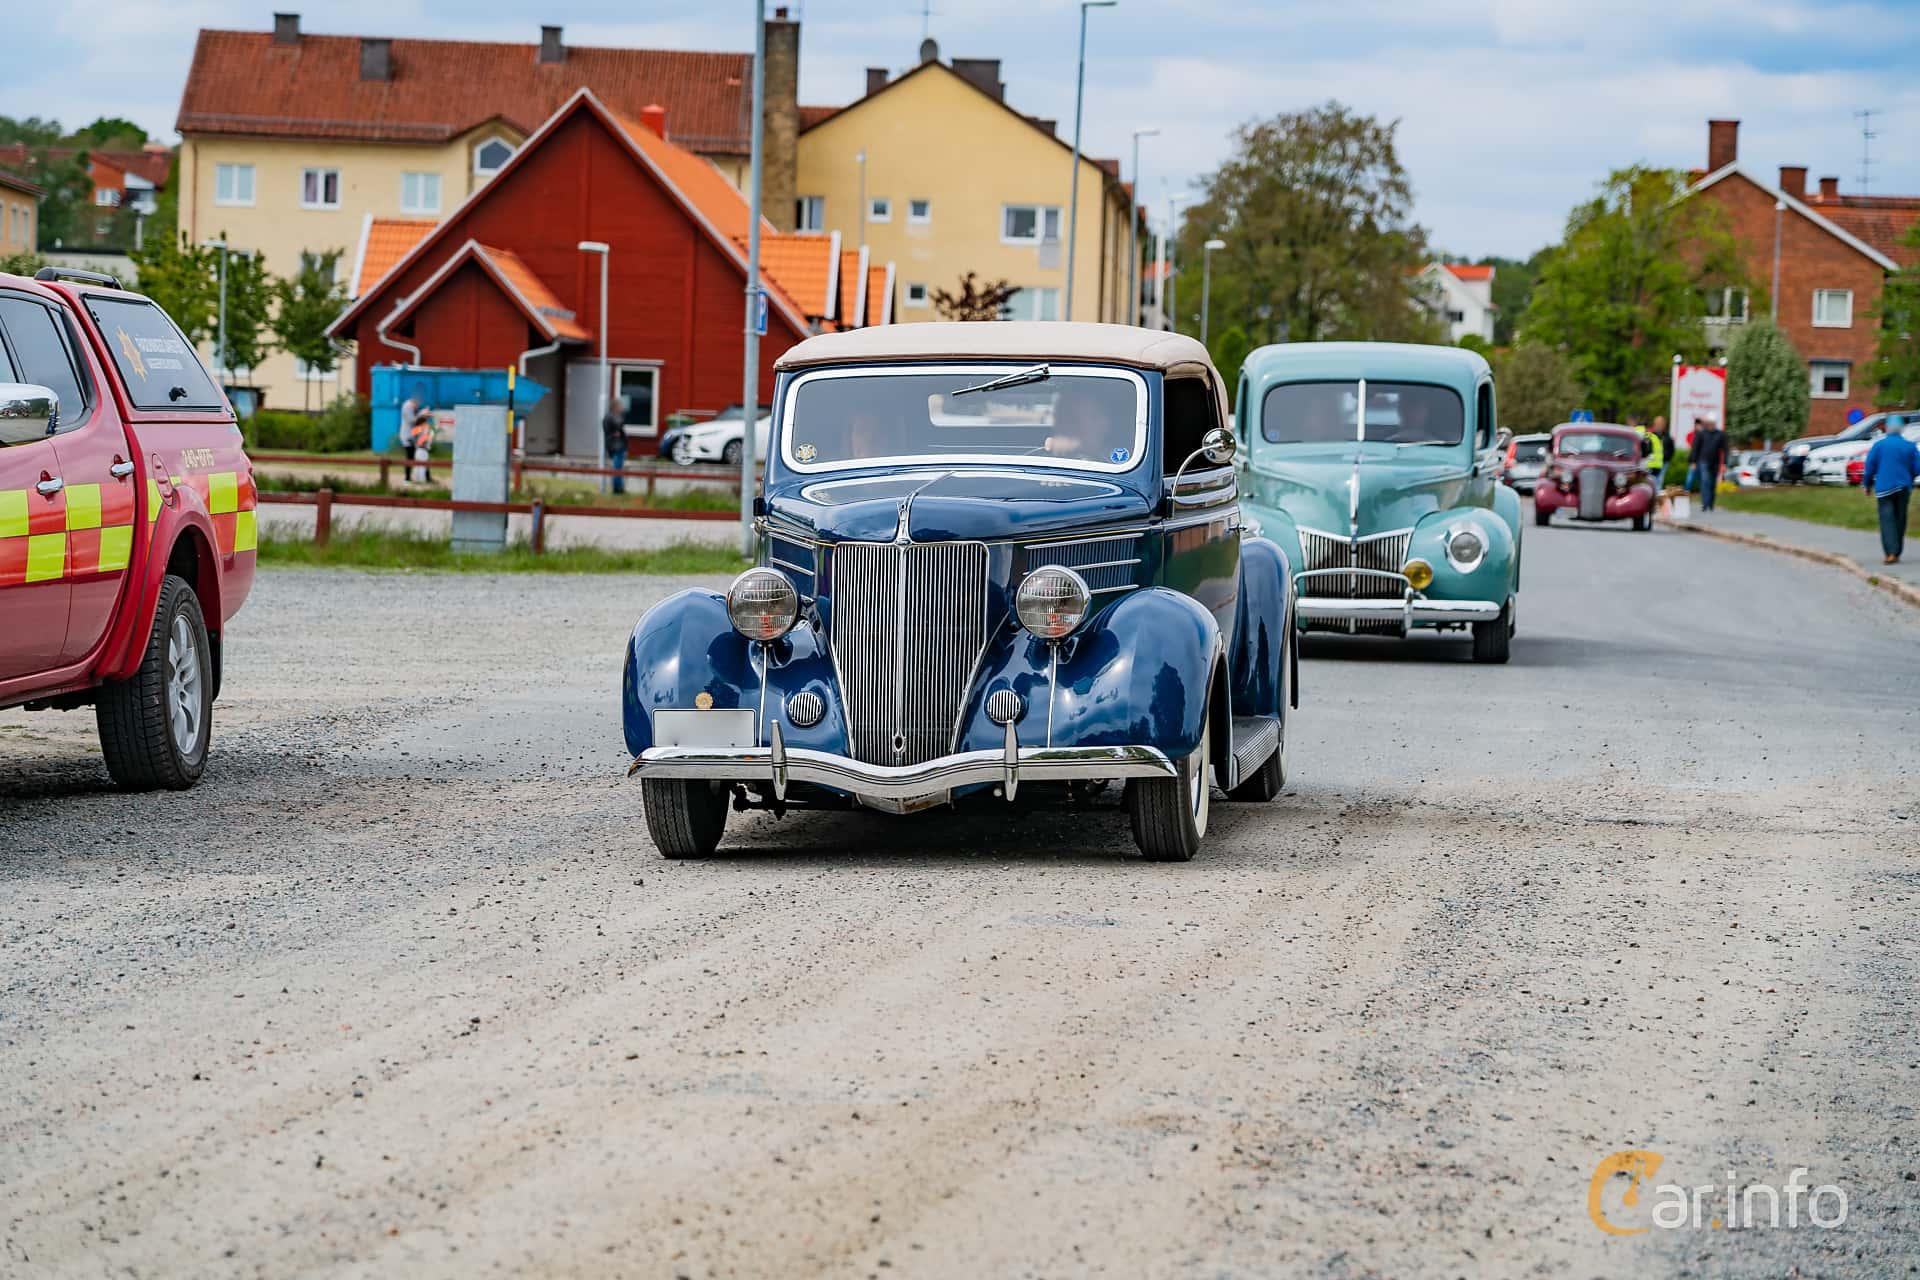 Ford Model 68 Cabriolet 3.6 V8 Manual, 86hp, 1936 at Riksettanrallyt 2019 Skillingaryd